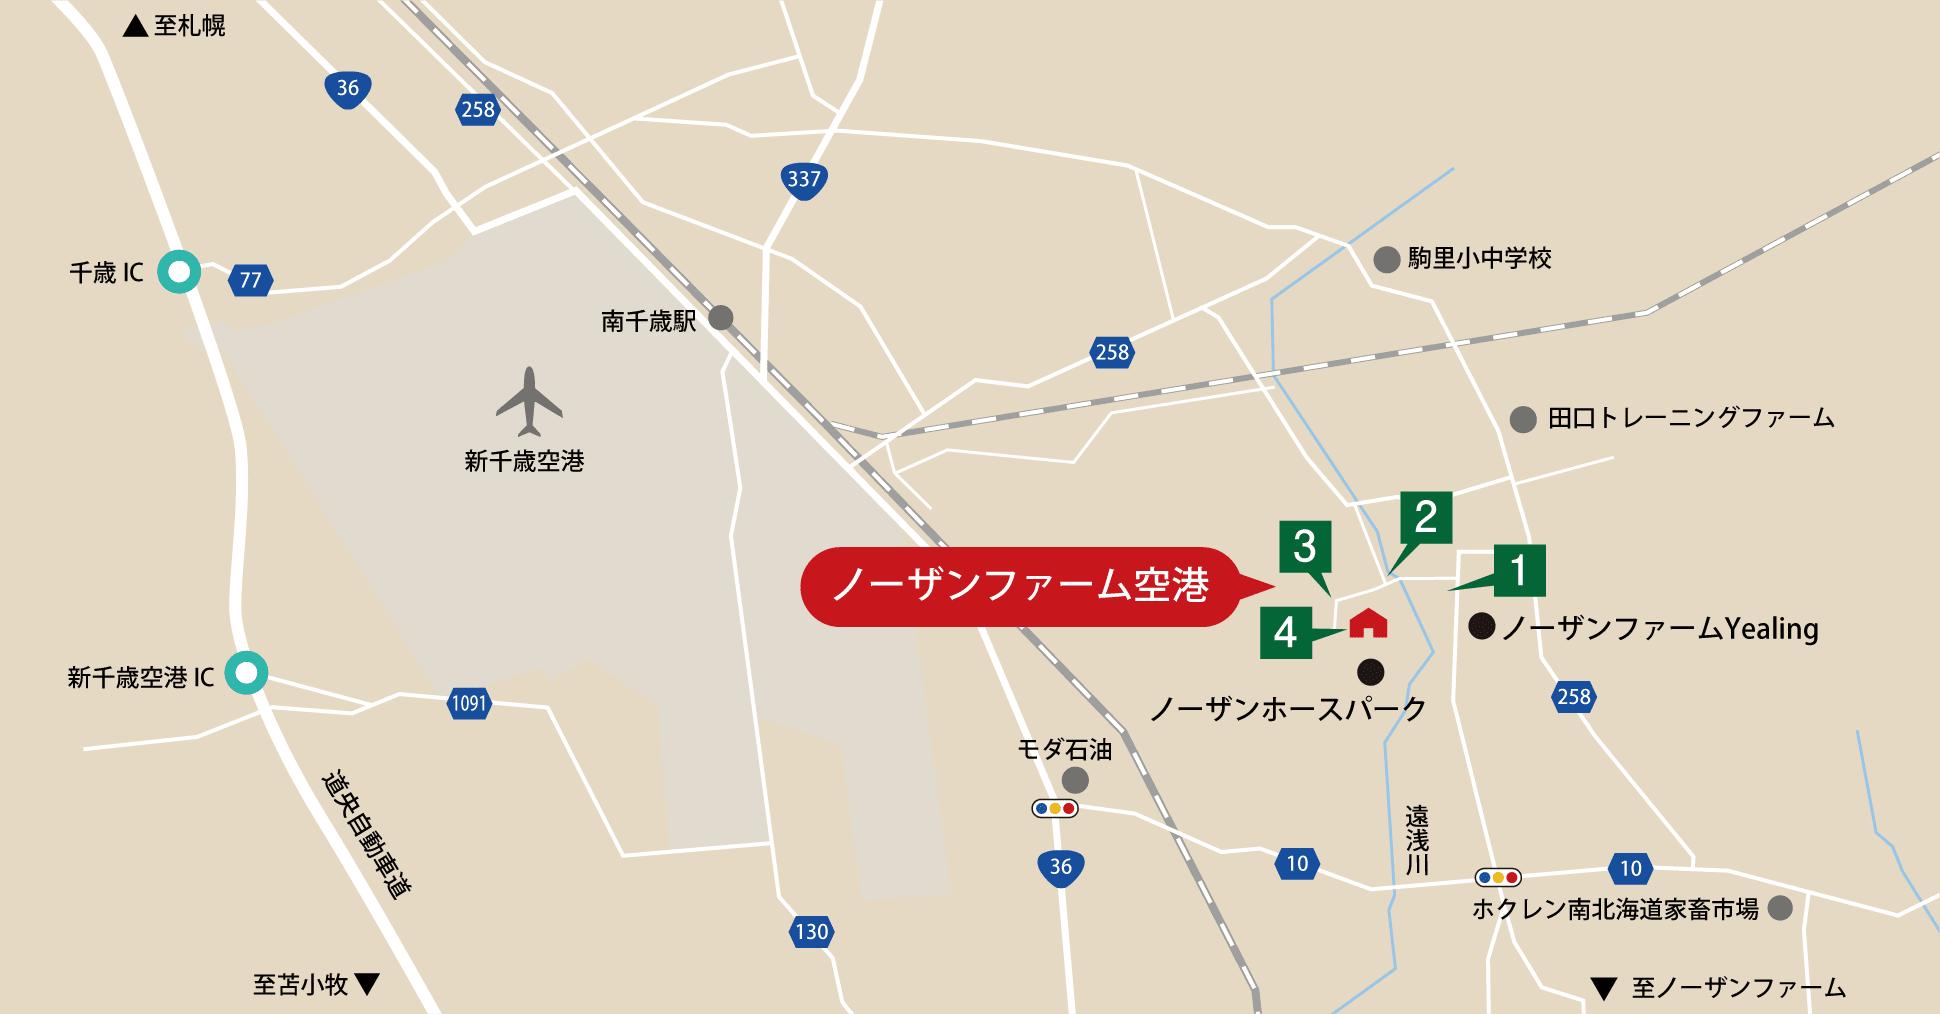 ノーザンファーム空港アクセスマップ